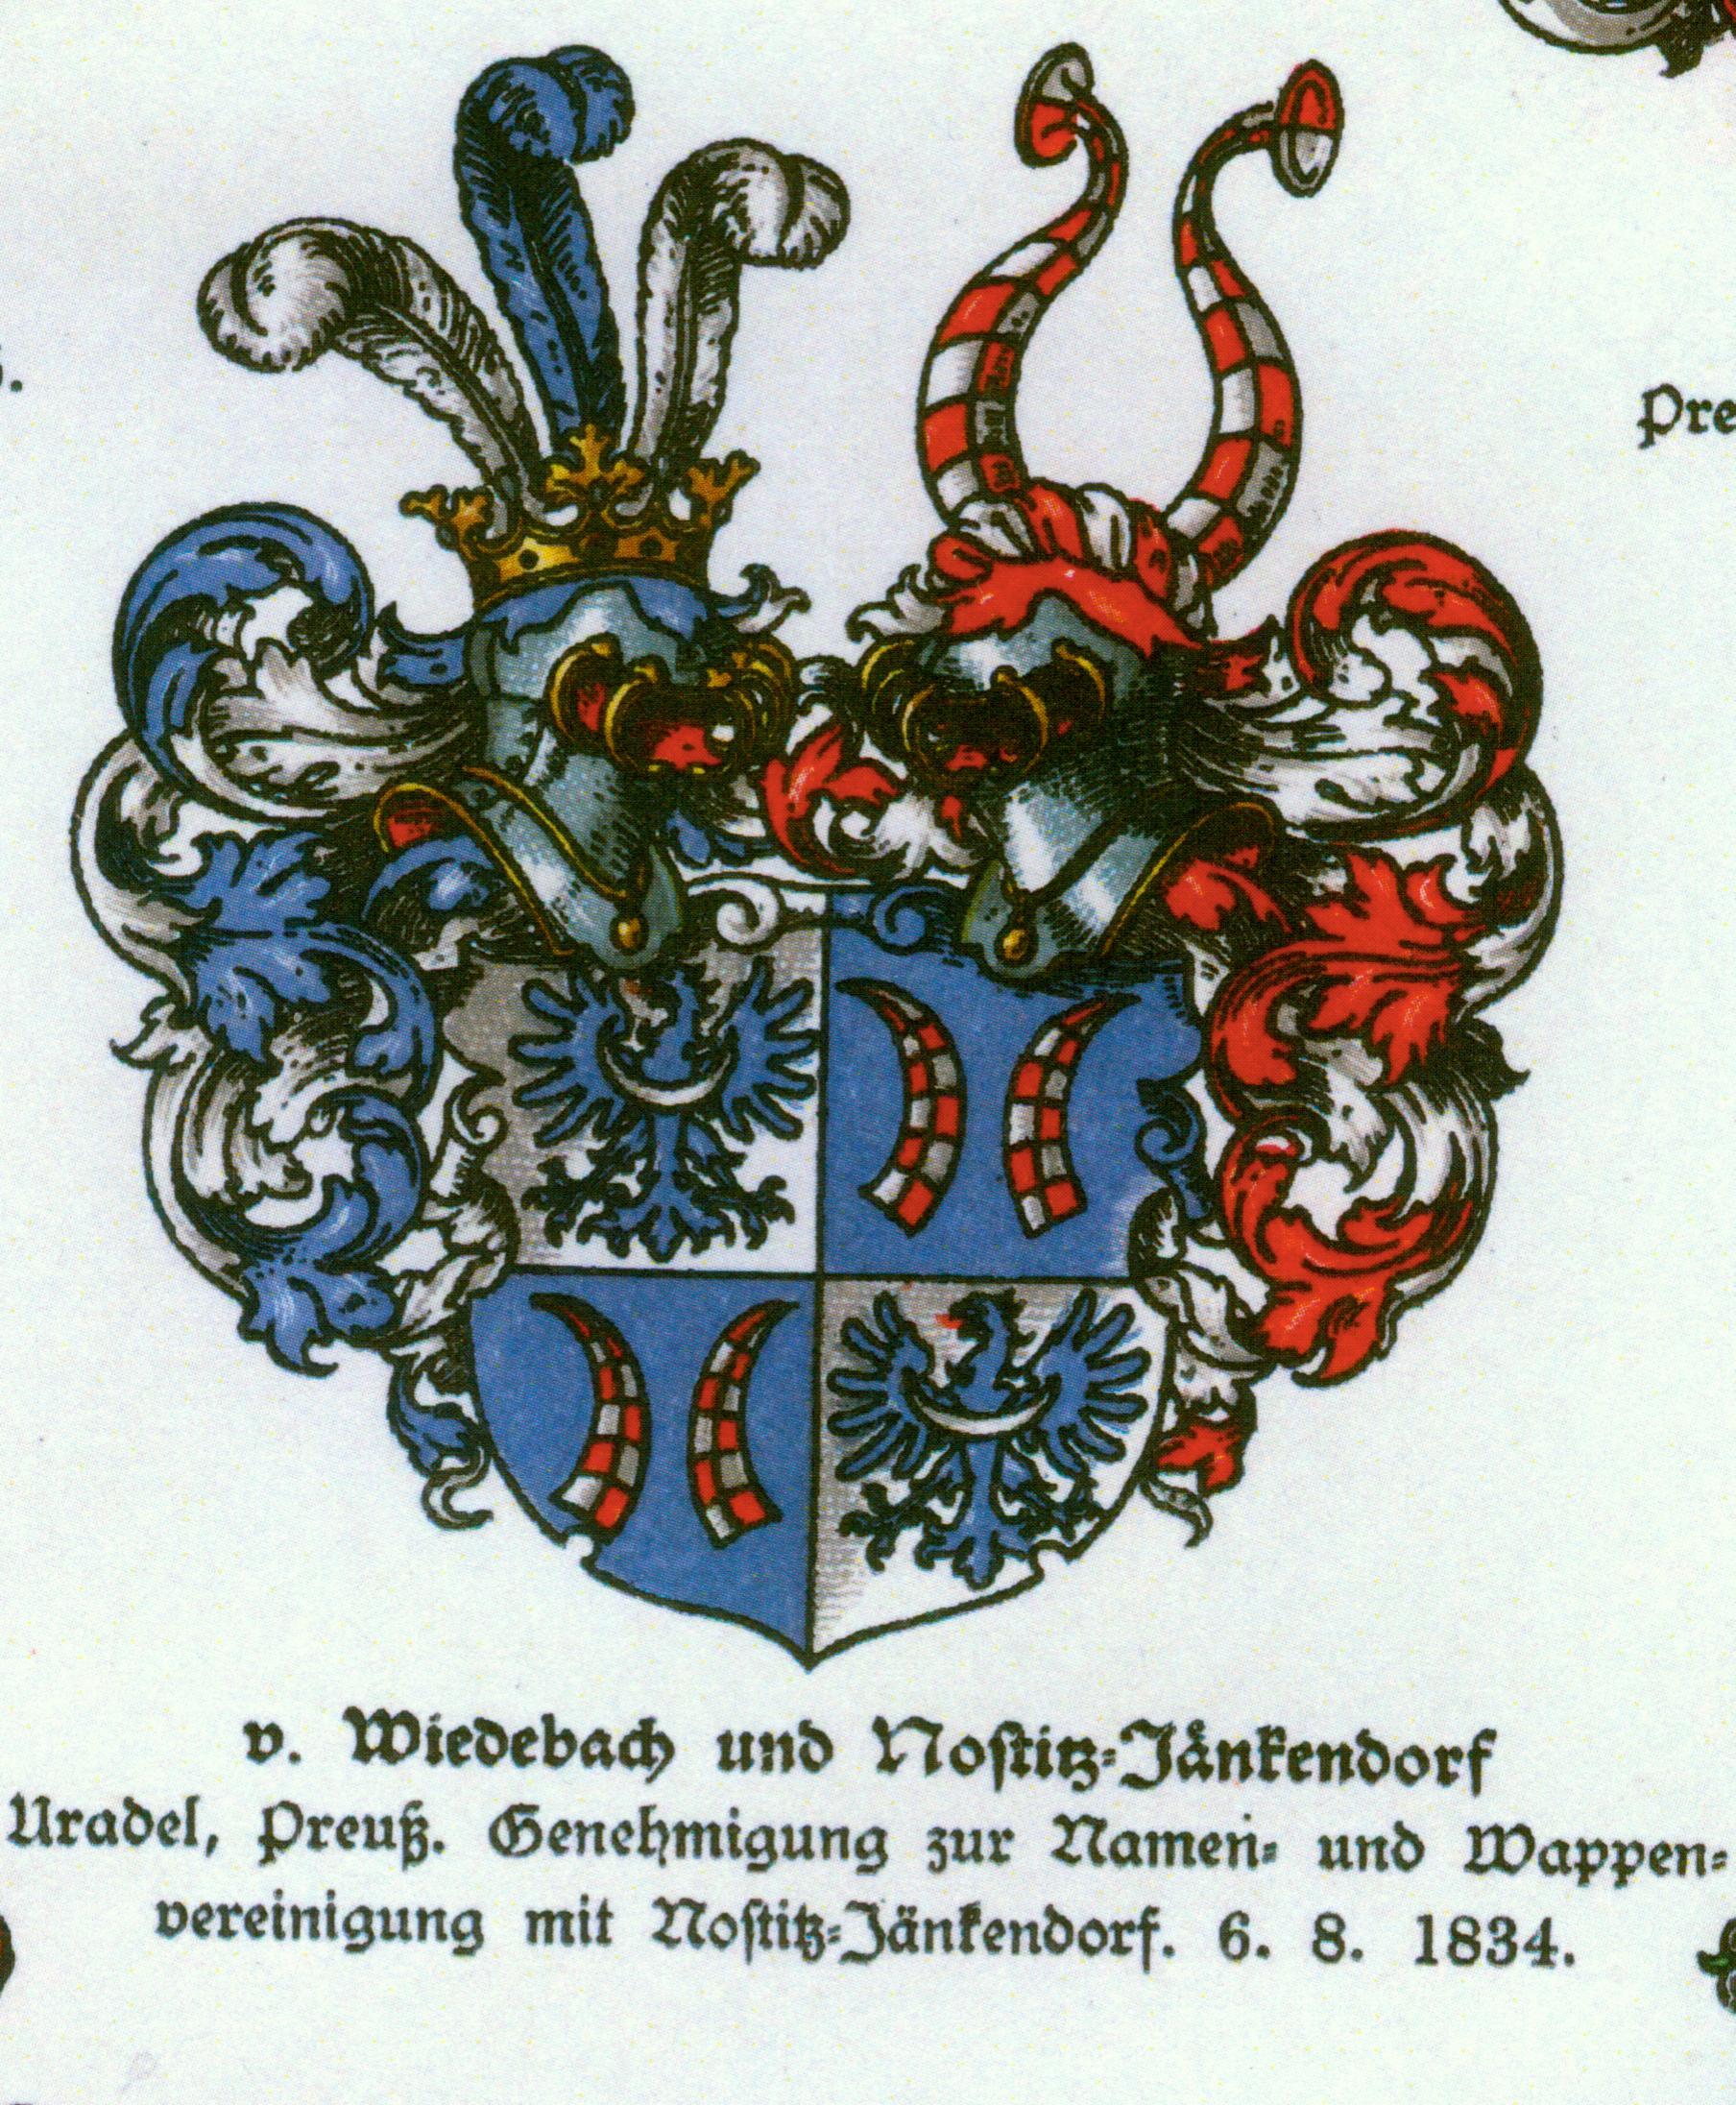 von Wiedebach und Nostitz-Jaenkendorf